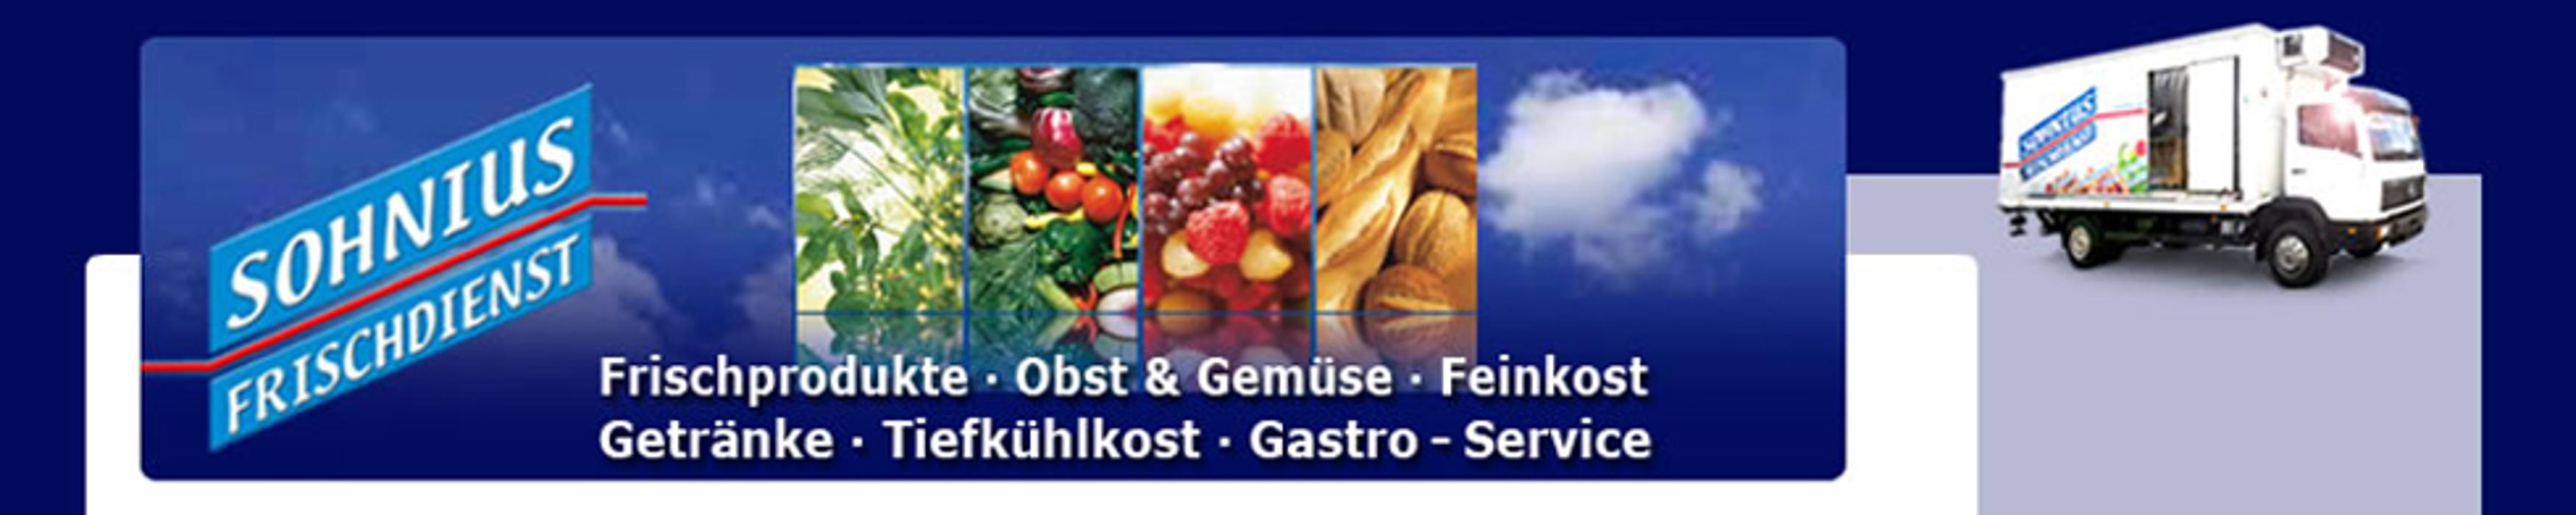 Bild zu Sohnius Frischdienst GmbH in Horhausen im Westerwald